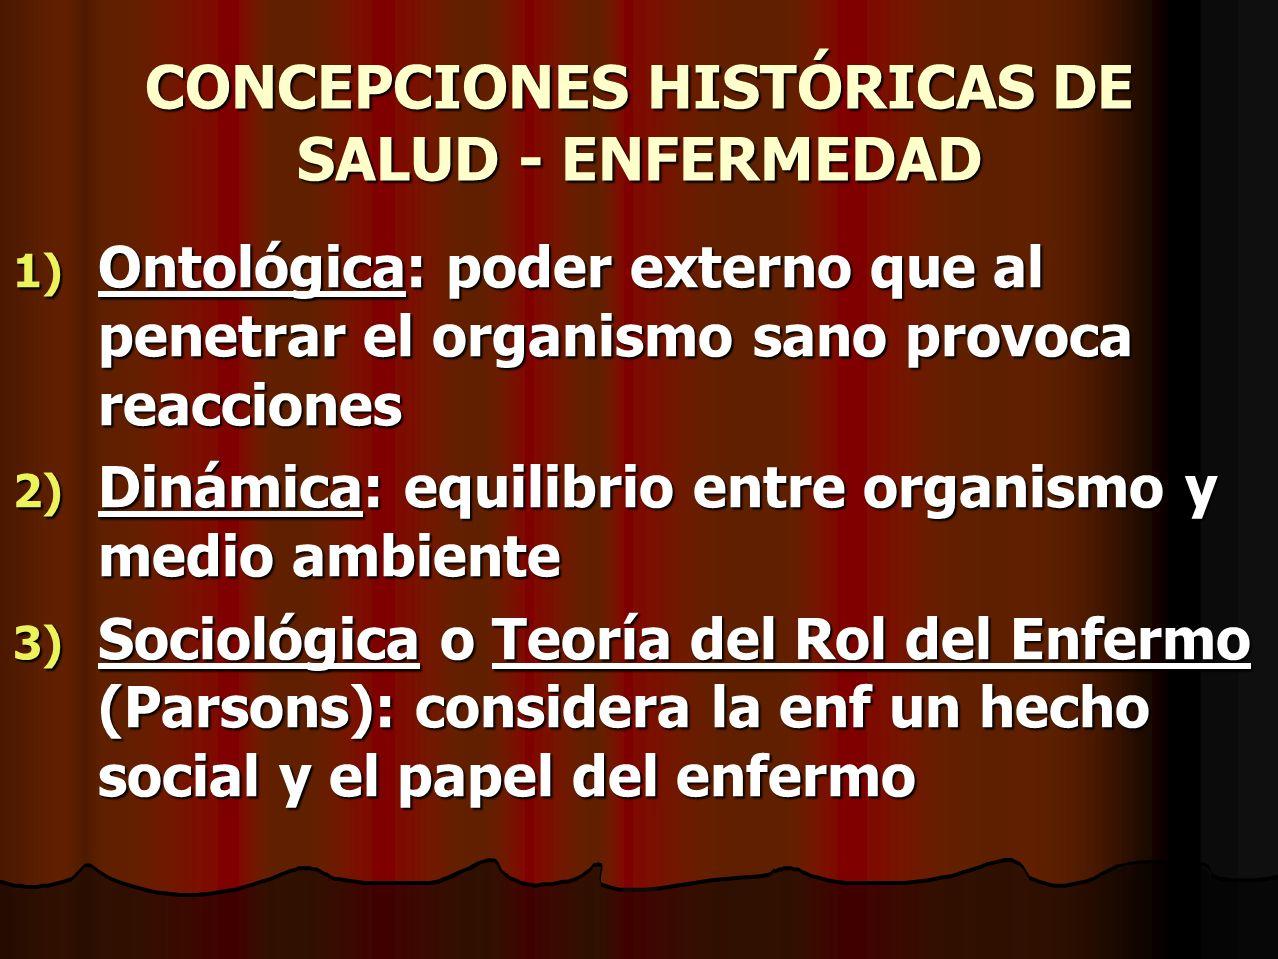 CONCEPCIONES HISTÓRICAS DE SALUD - ENFERMEDAD